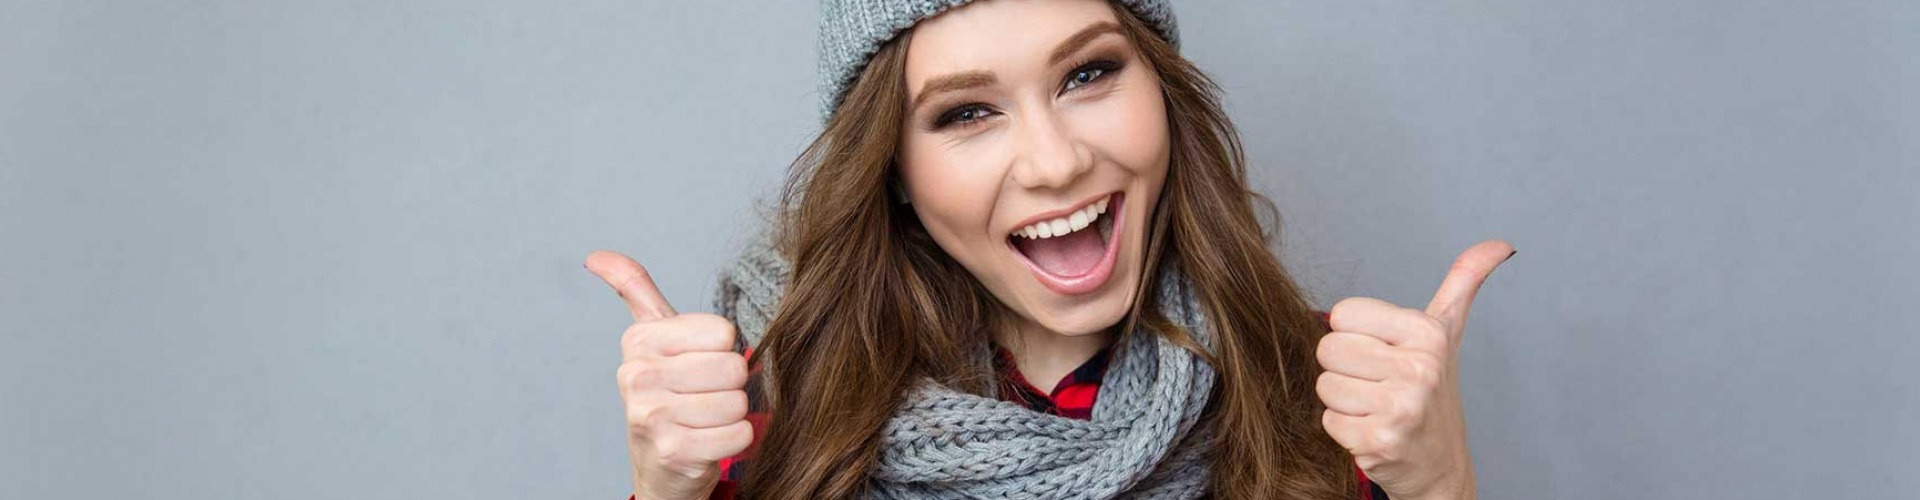 8 tipp az egészséges és boldog életért